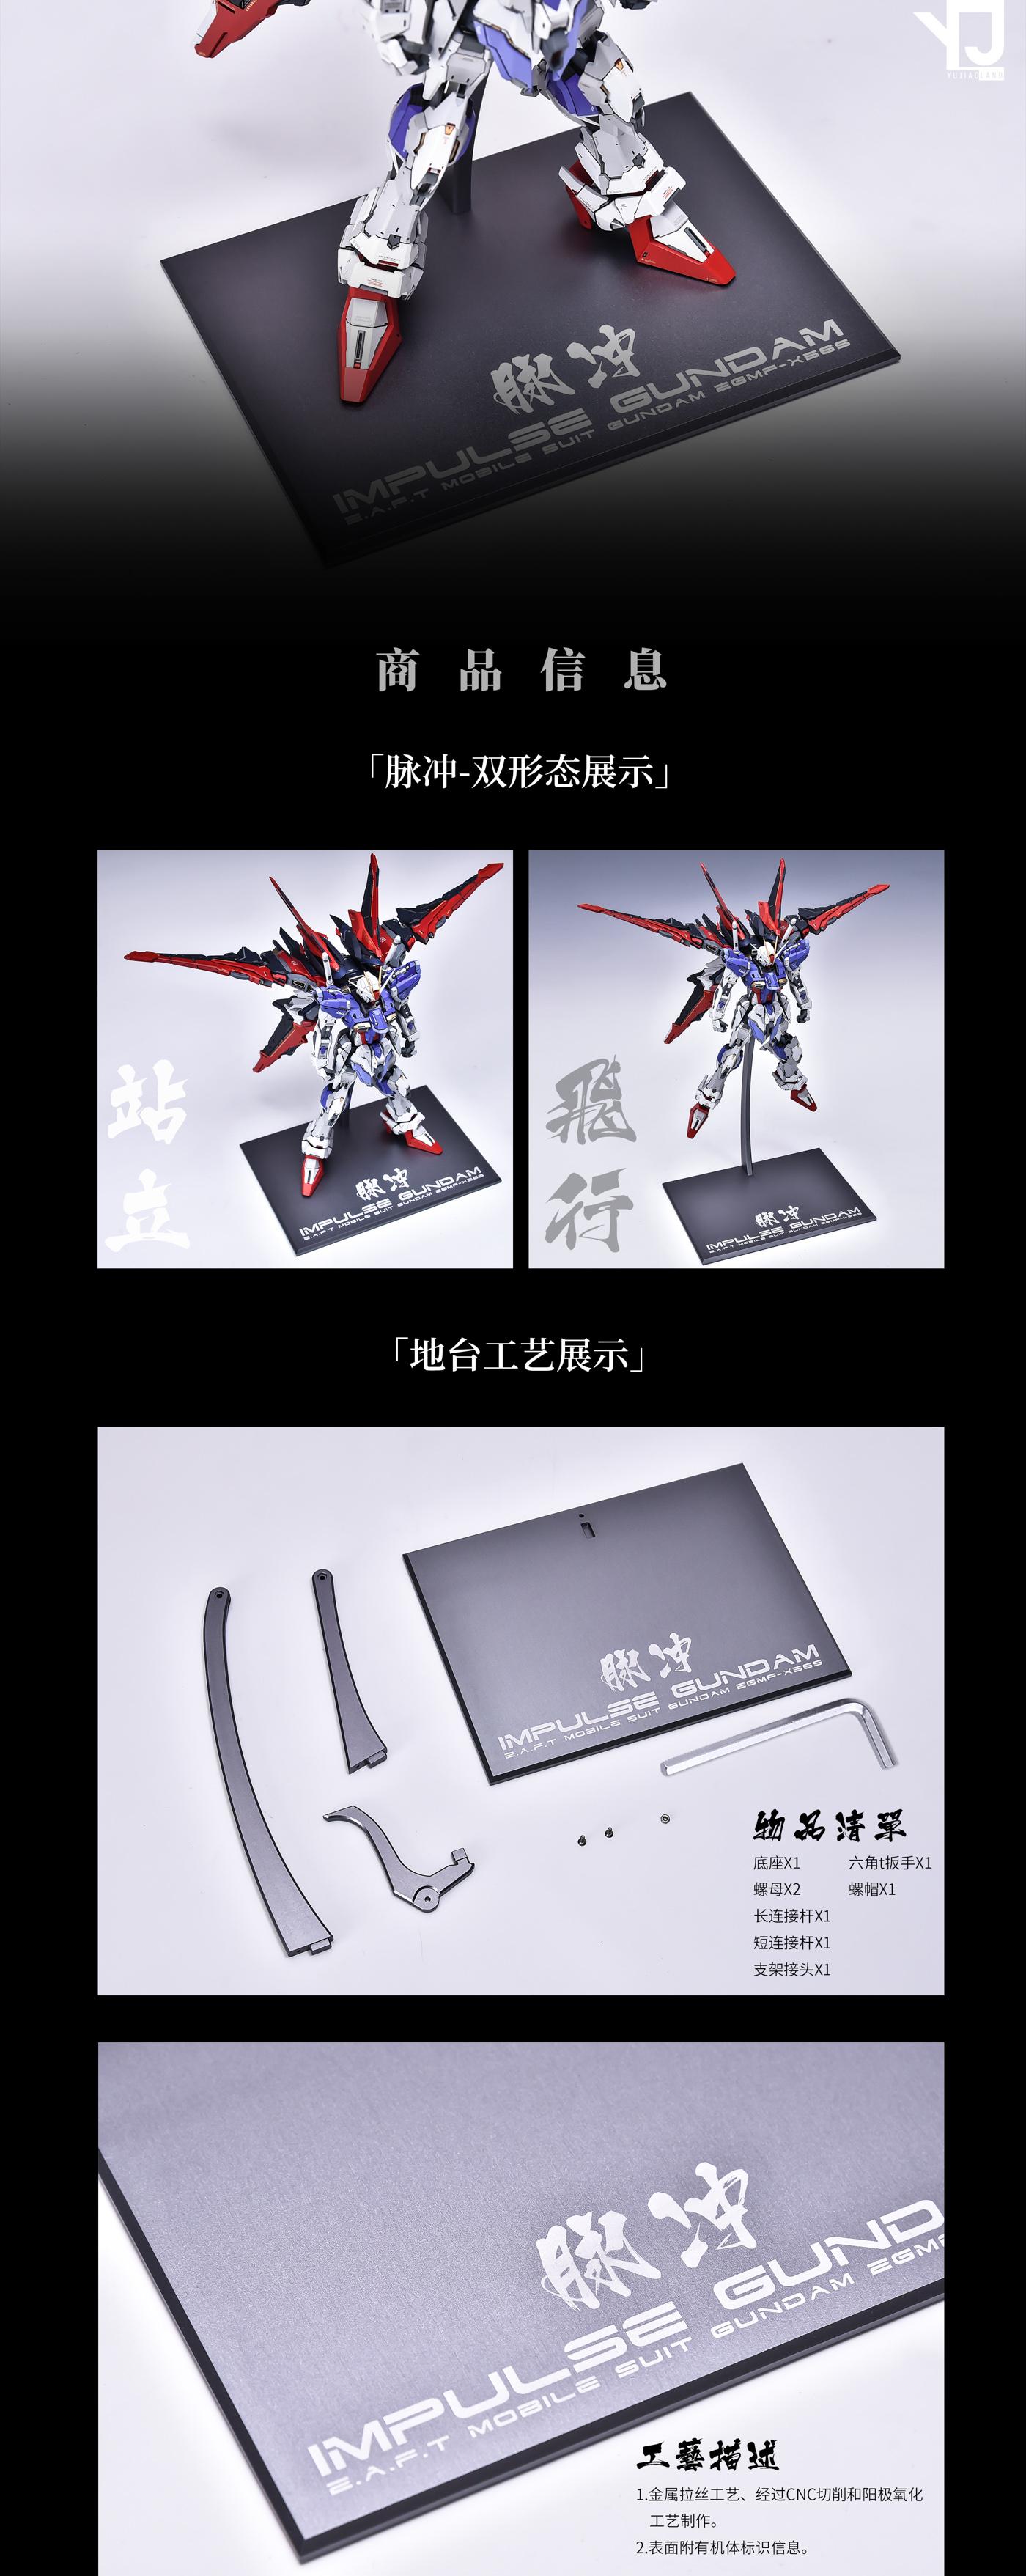 G573_2_ZGMF_X56S_stand_003.jpg